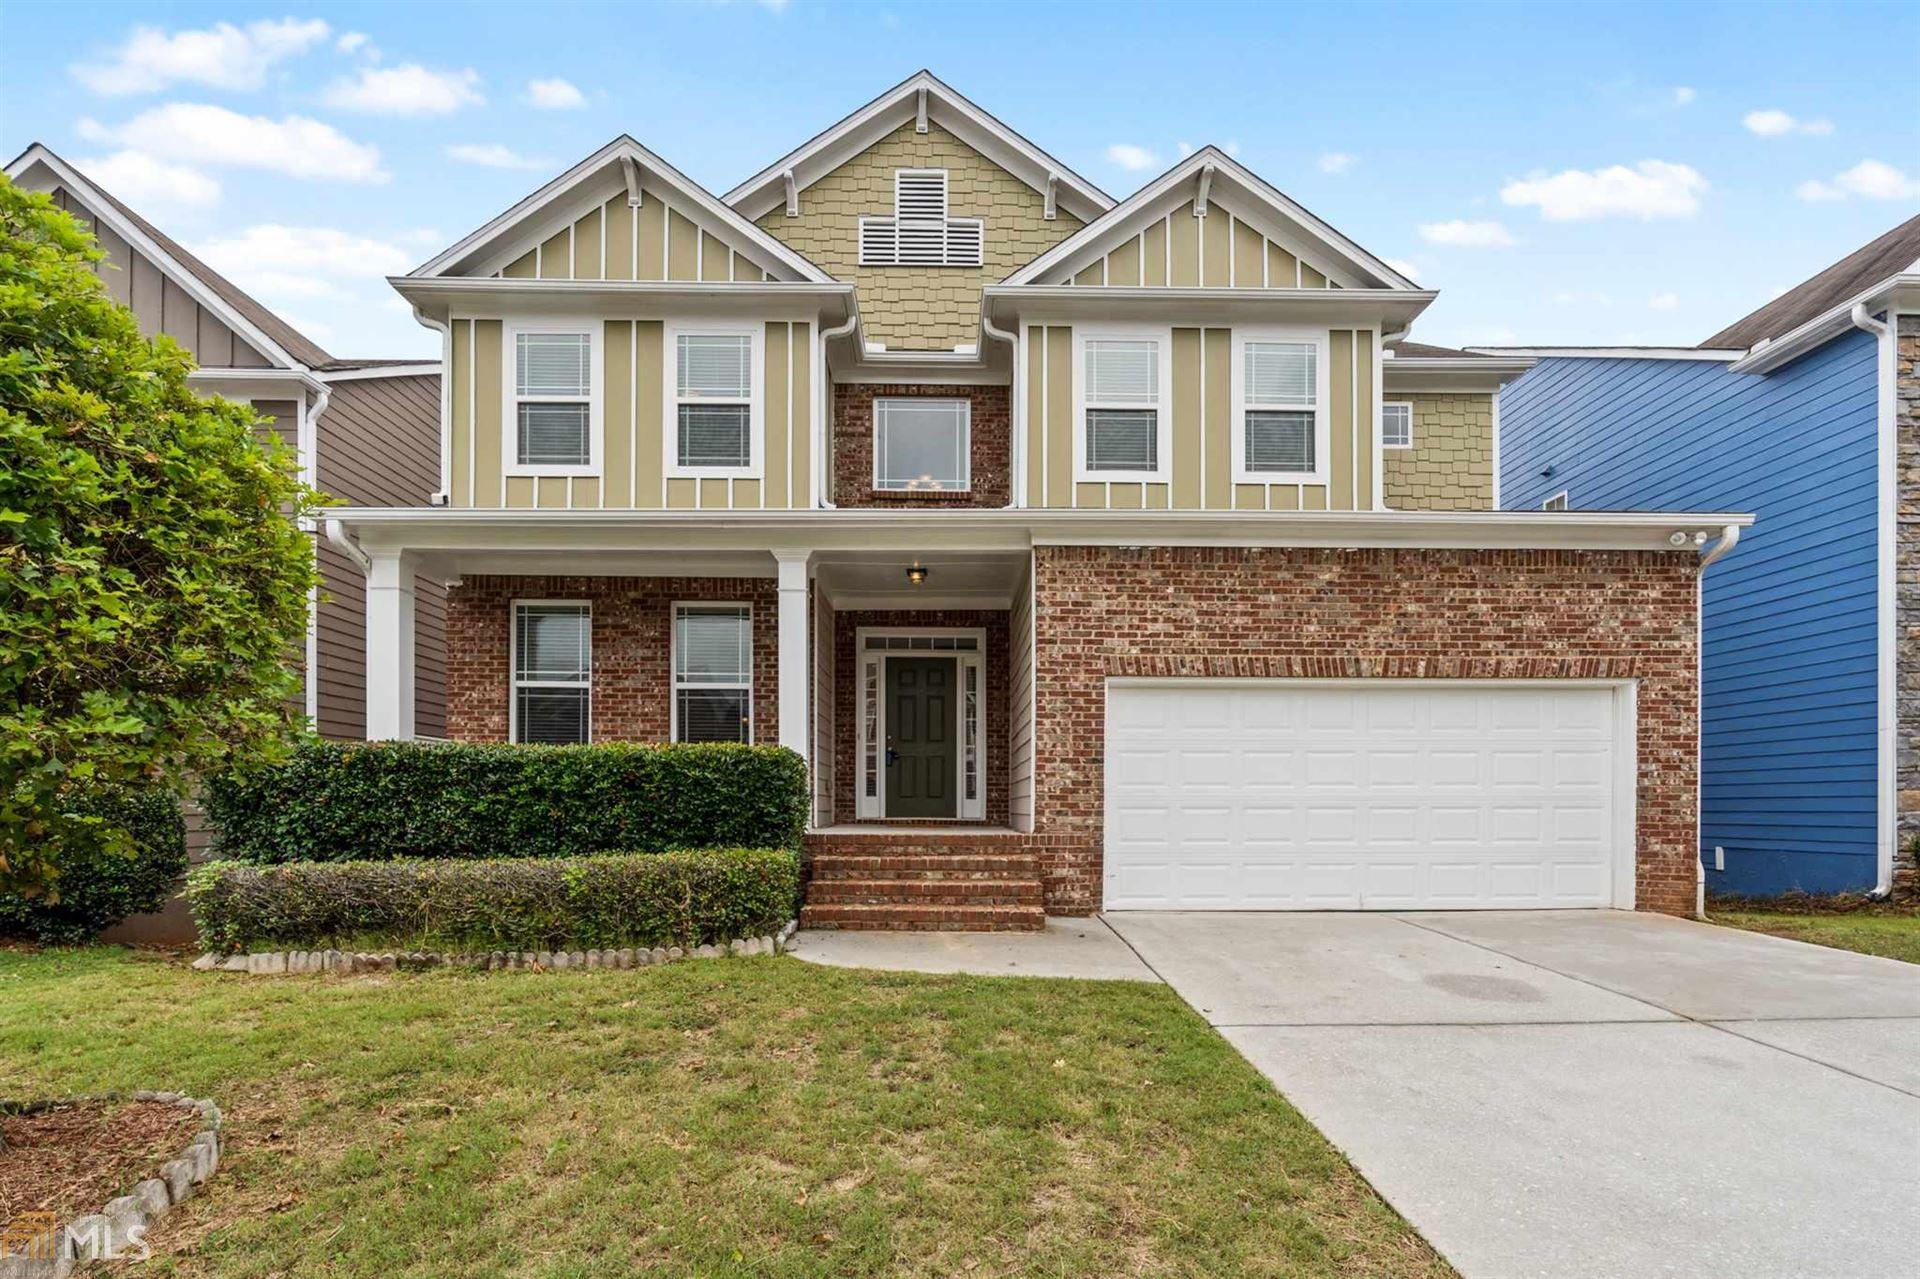 3480 Drayton Manor Run, Lawrenceville, GA 30046 - MLS#: 8858827